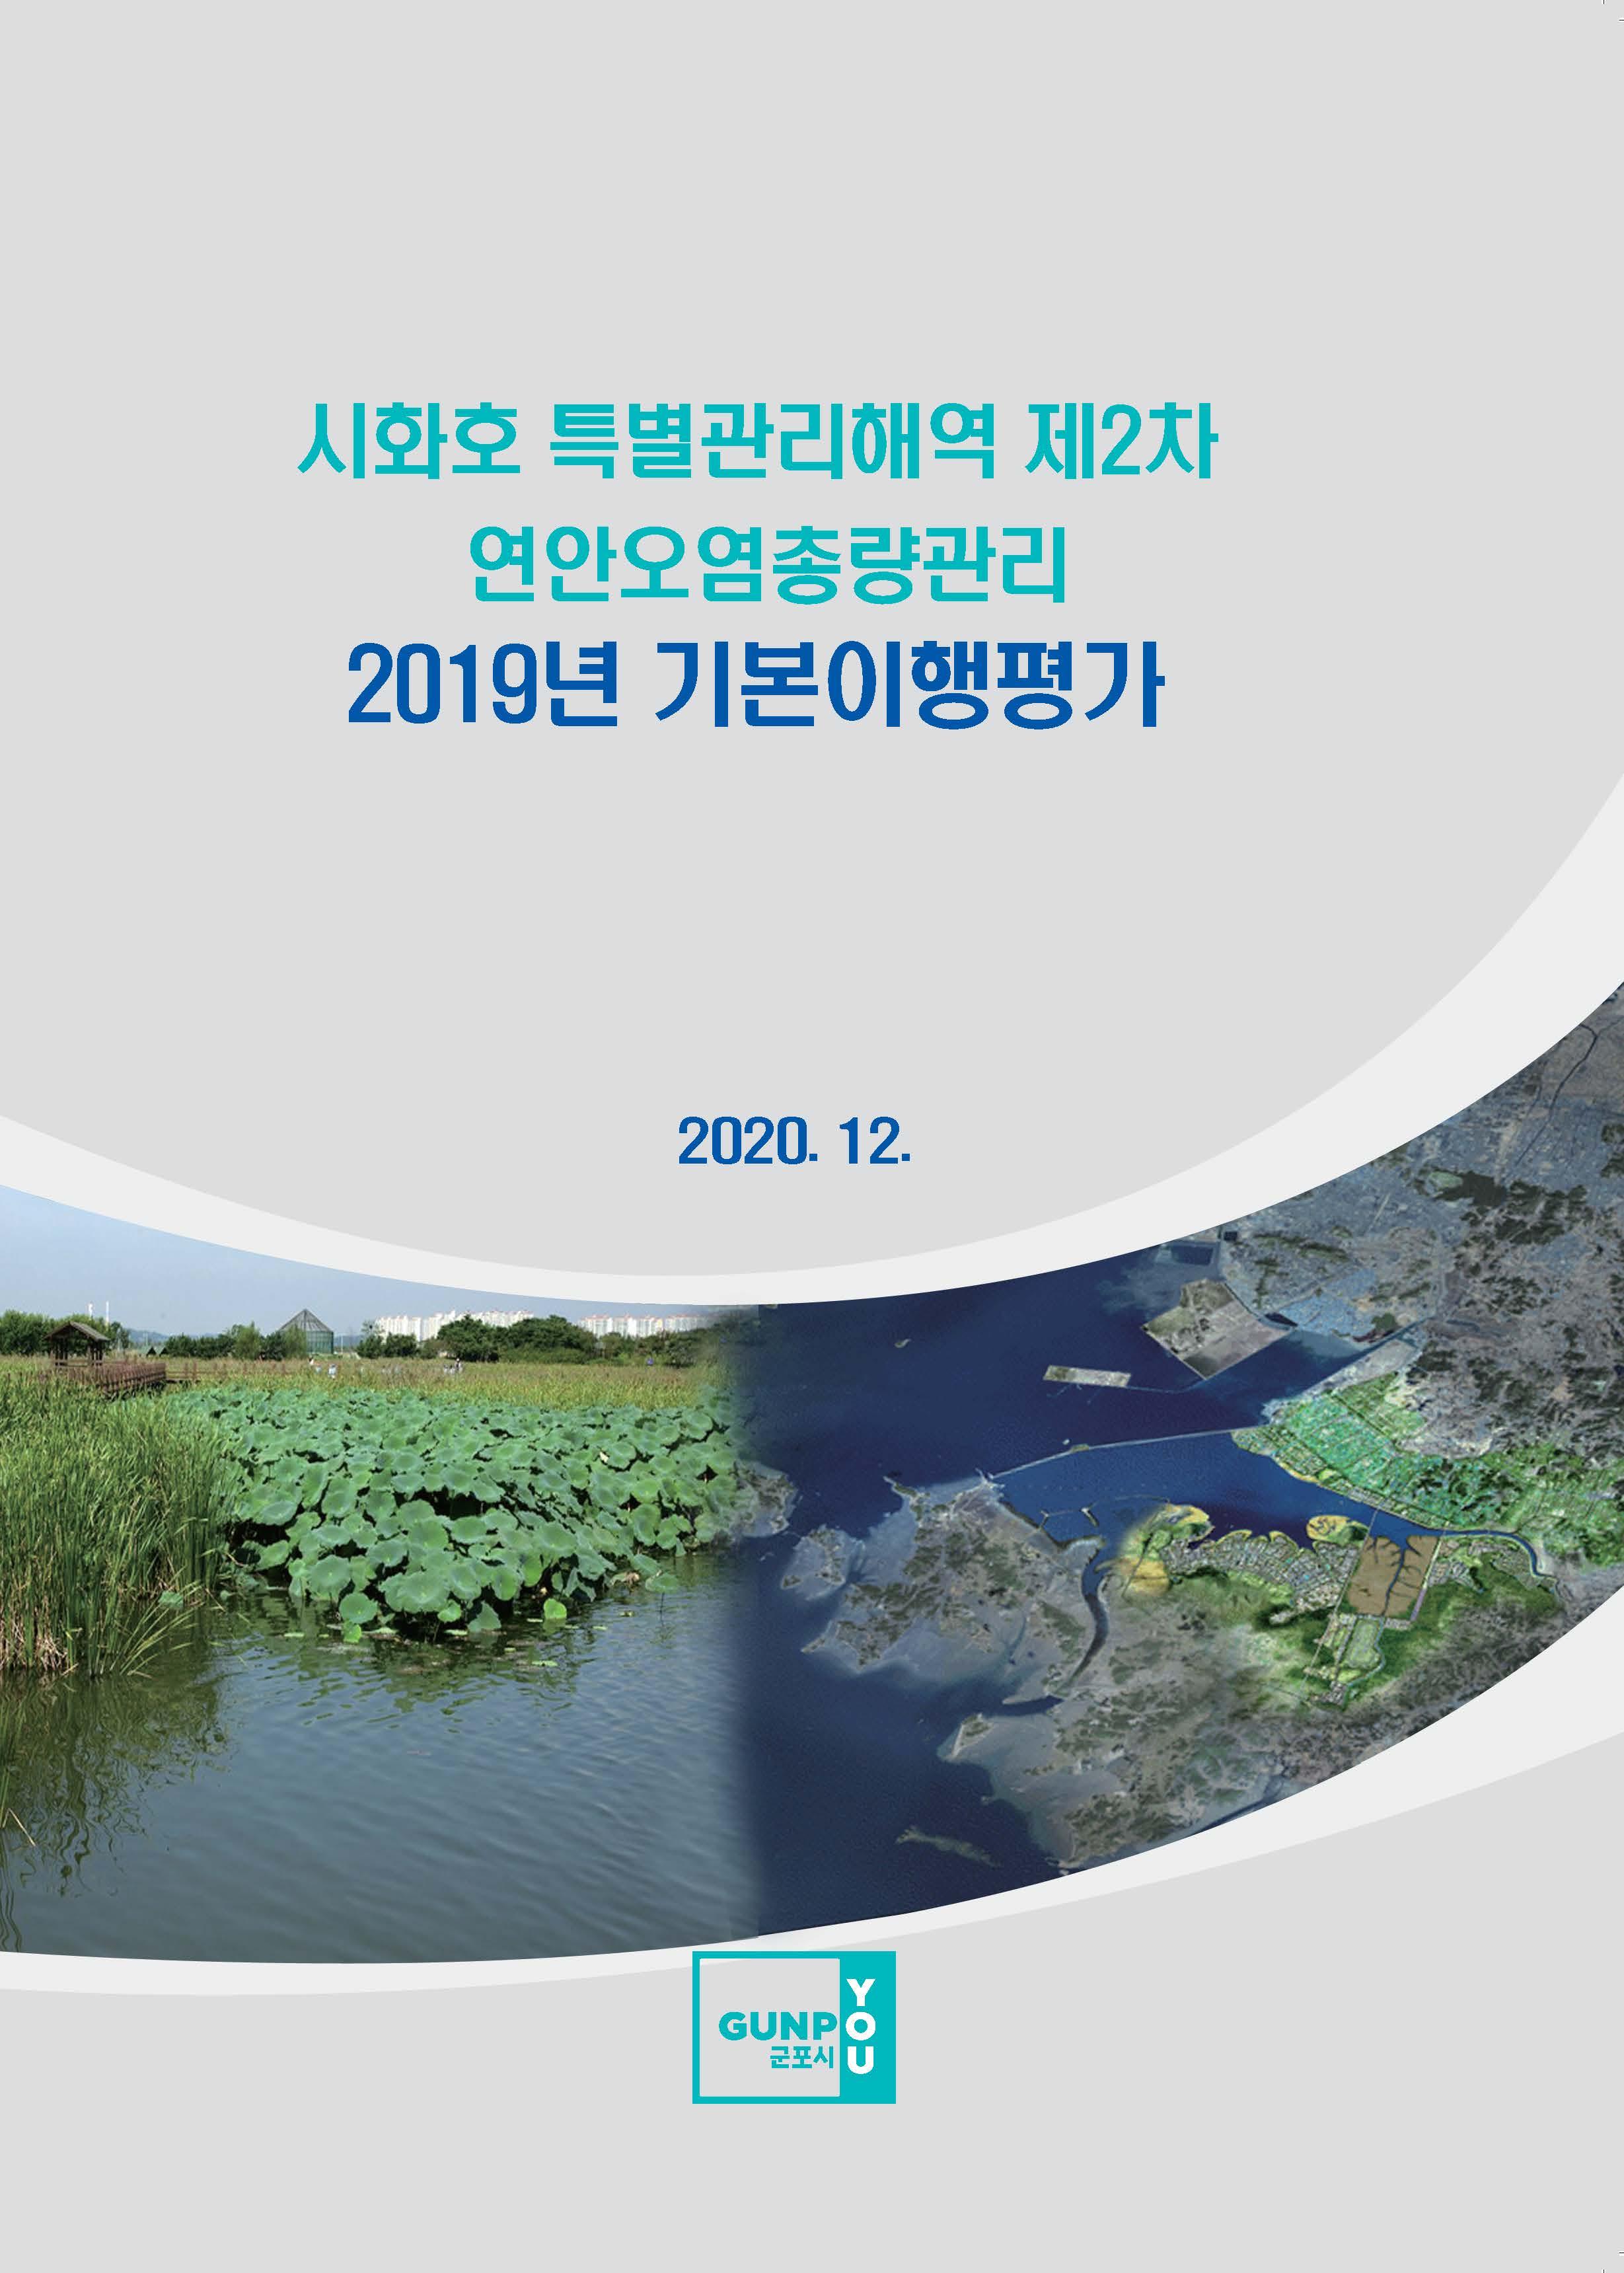 시화호 연안오염총량관리 2019년 기본이행평가